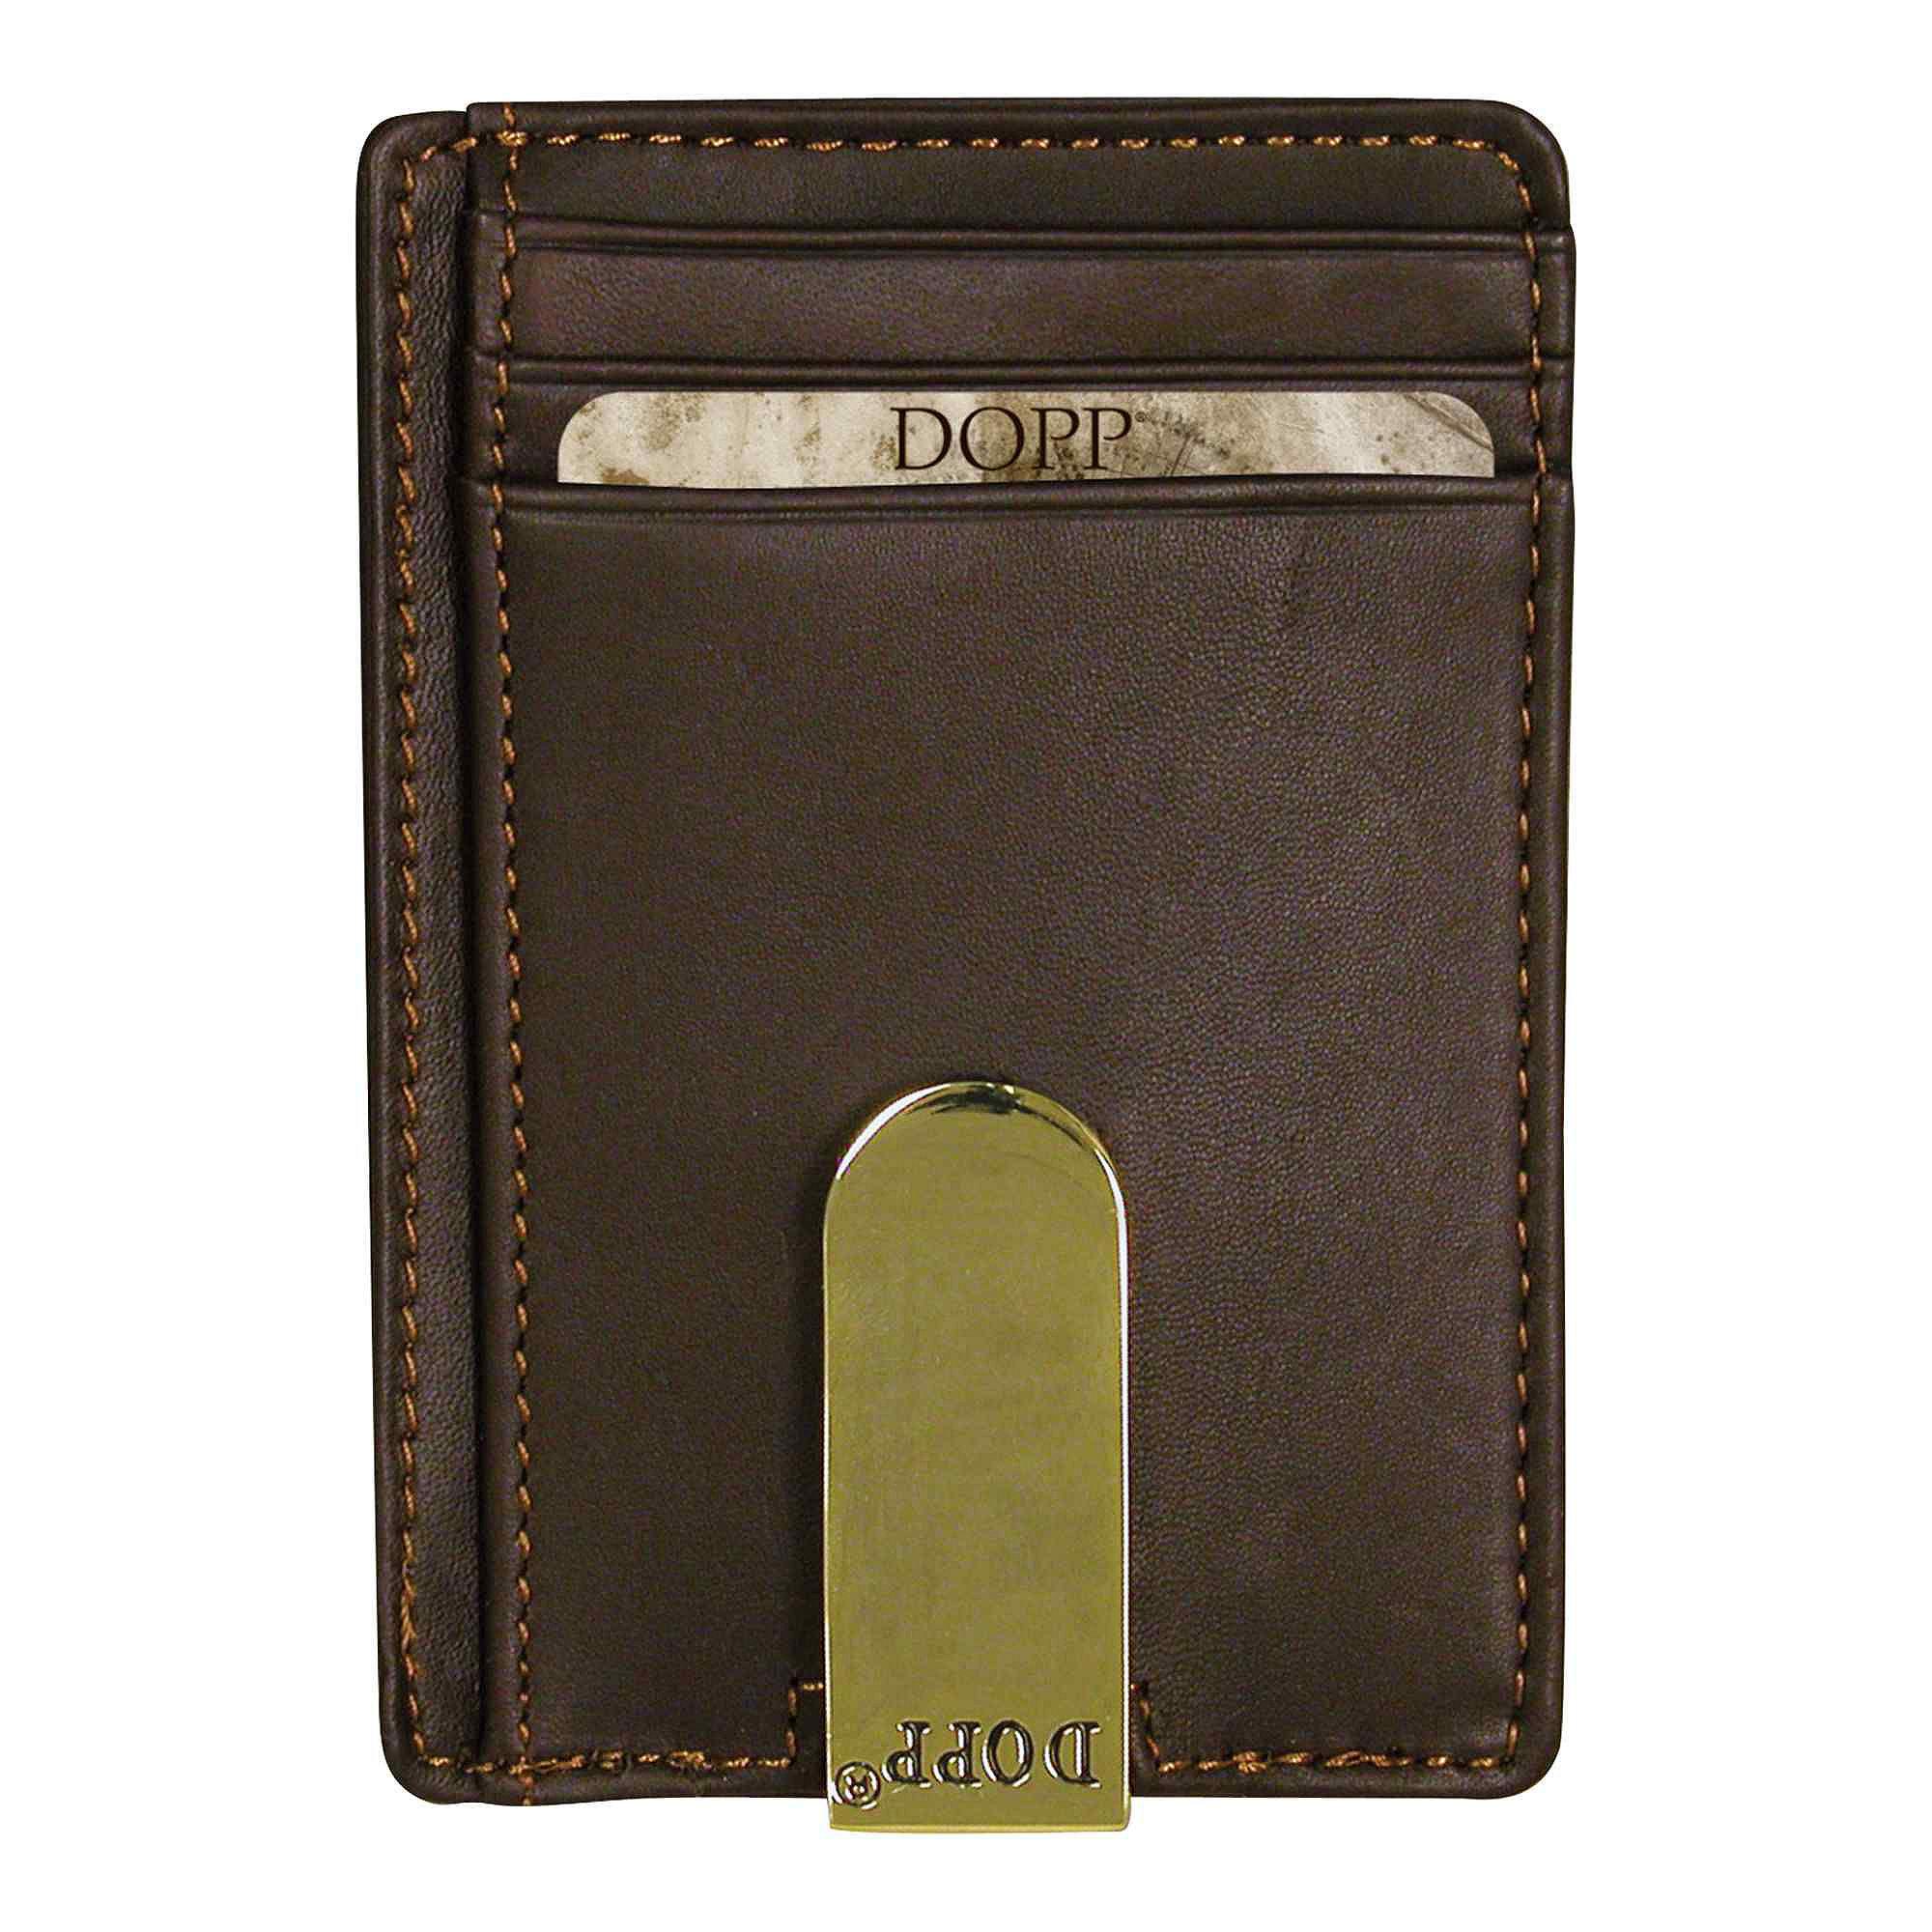 Dopp Regatta Front Pocket Money Clip